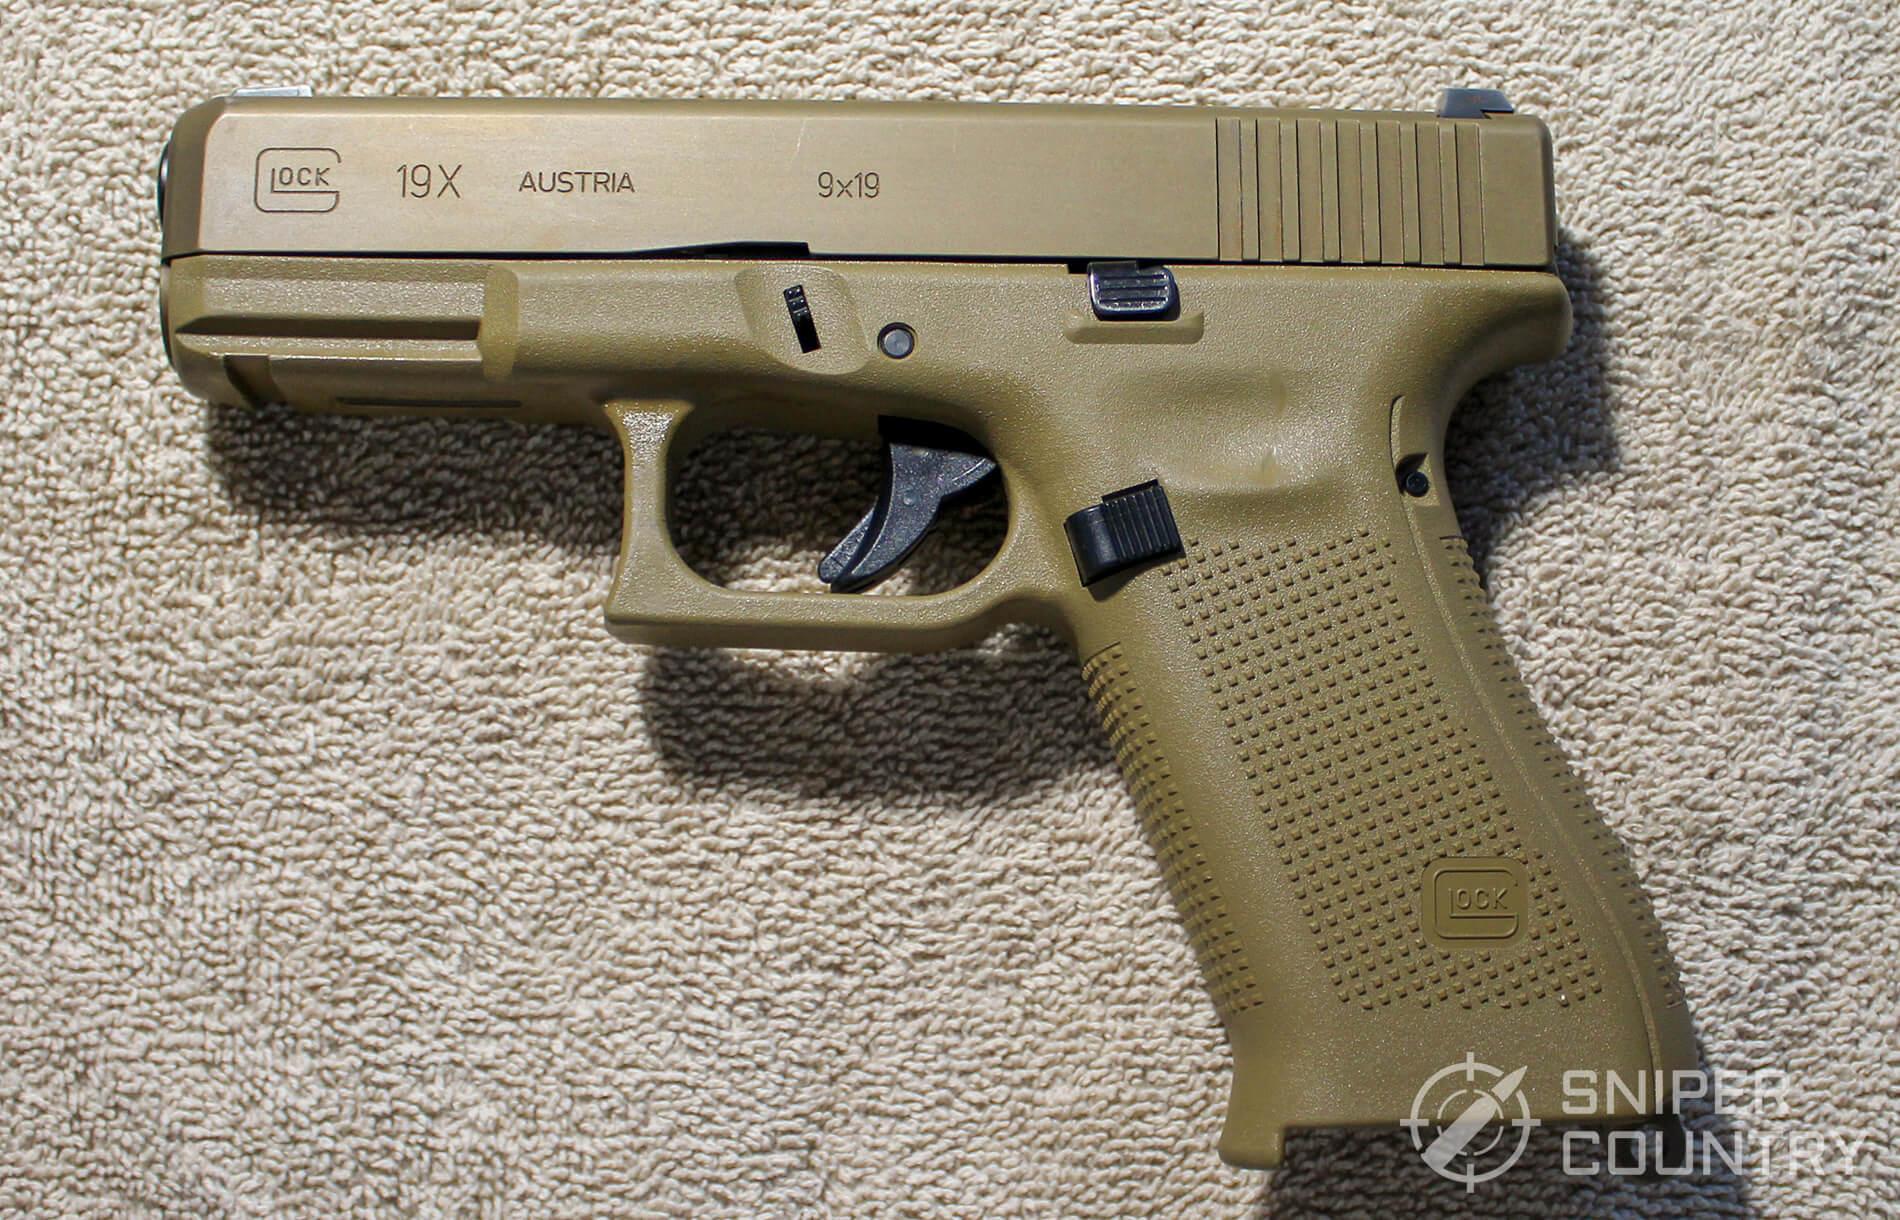 Glock G19X left side